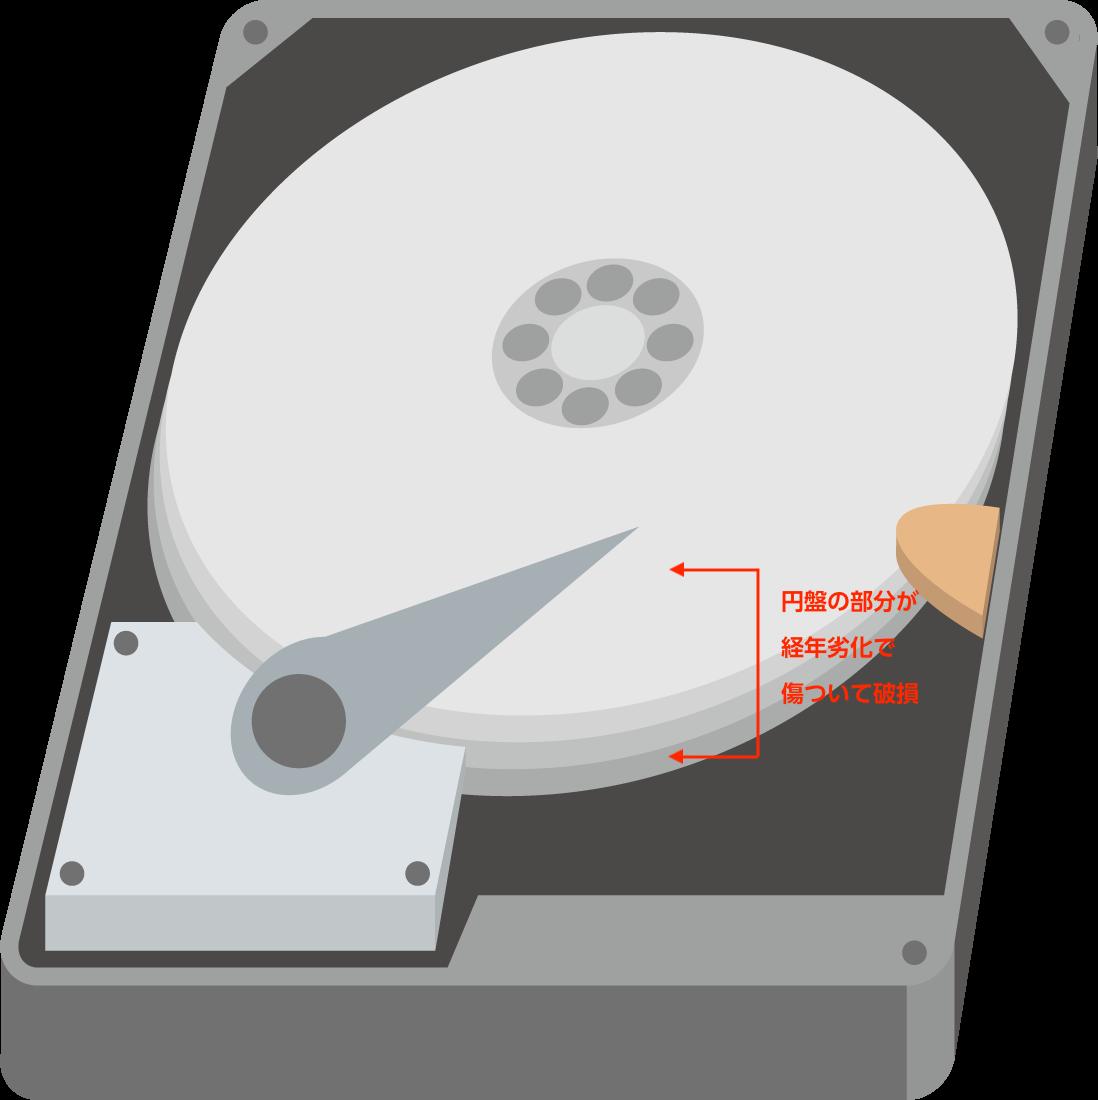 ハードディスクの経年劣化